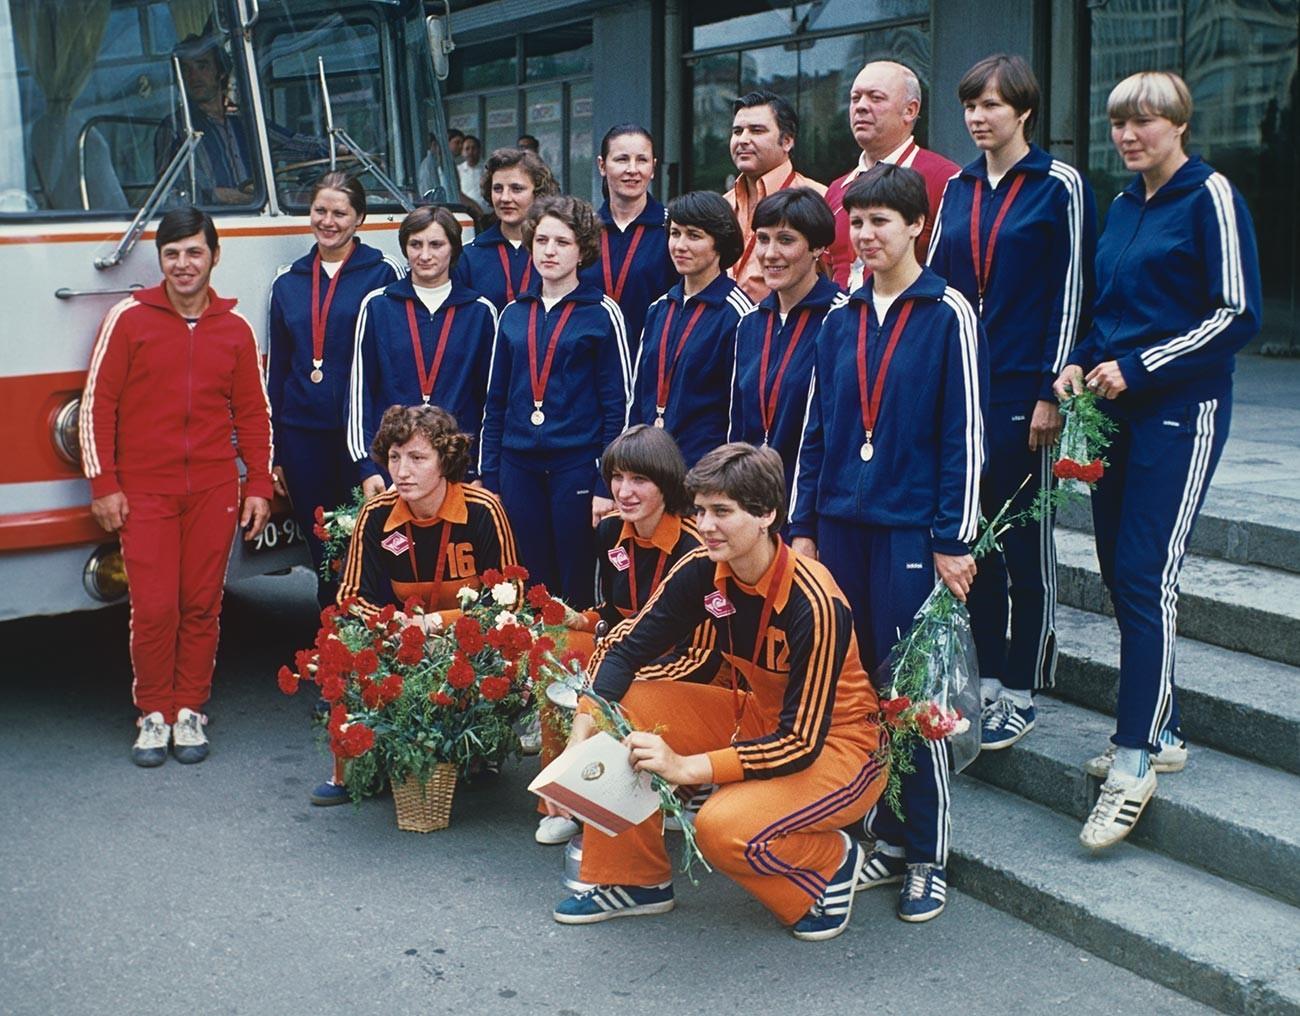 Parte da produção da URSS era exportada, e a outra parcela acabava nas mãos dos atletas - que vestiam apenas azul